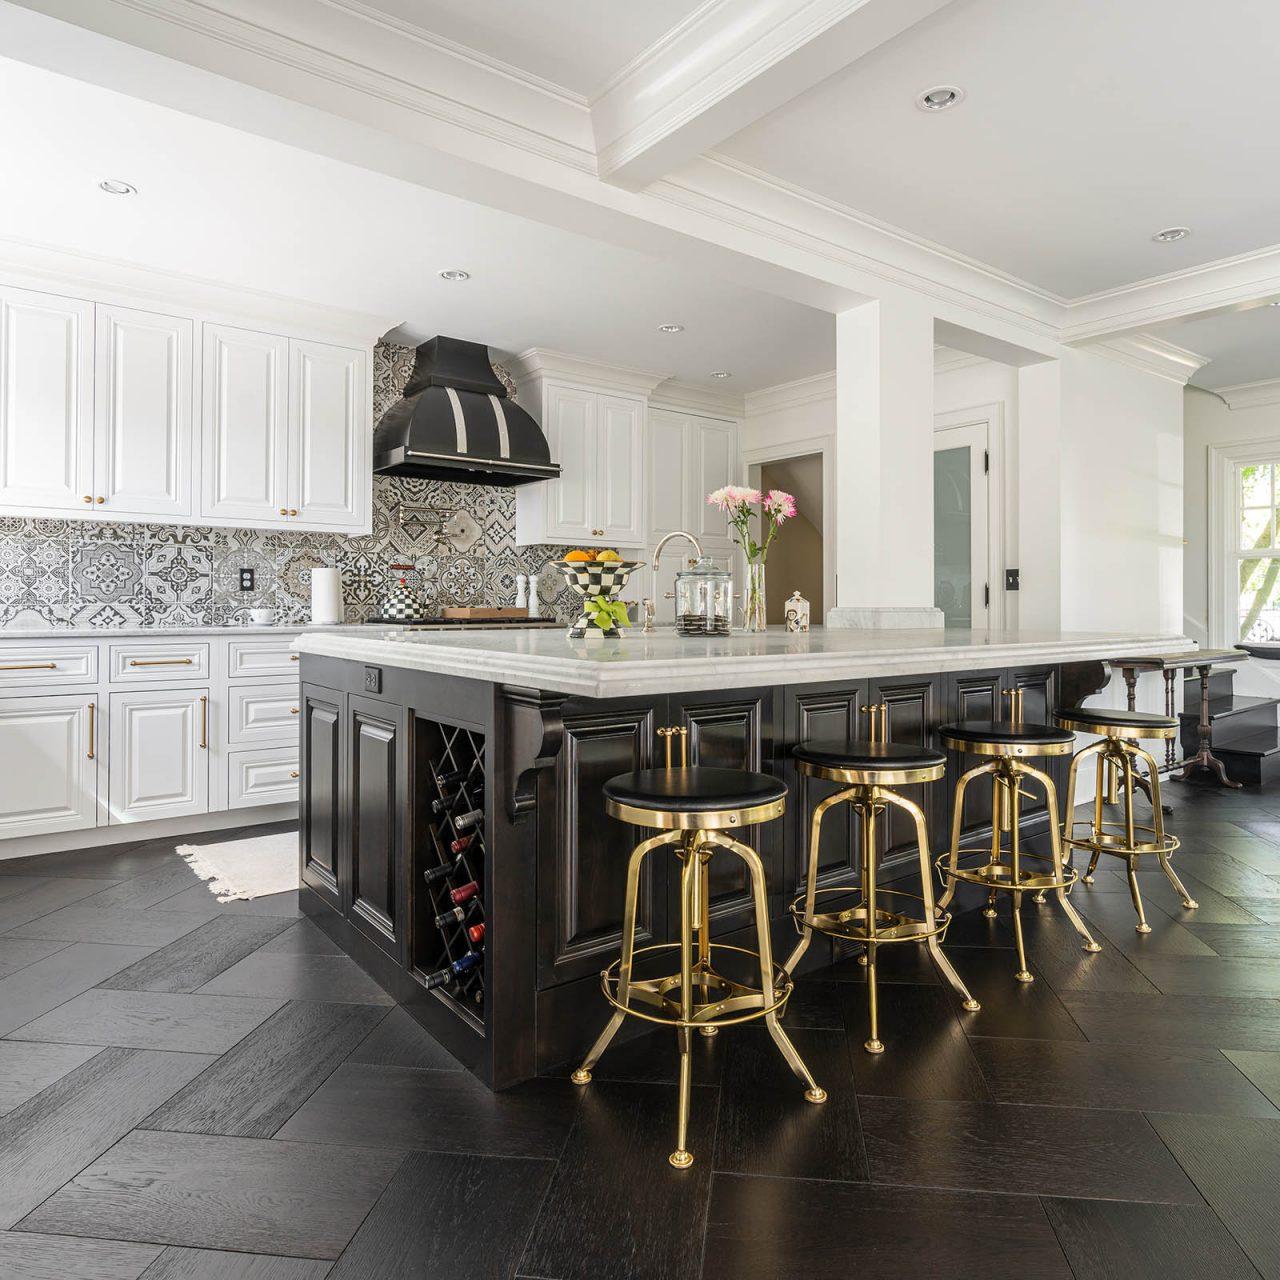 Kitchen with parquet flooring